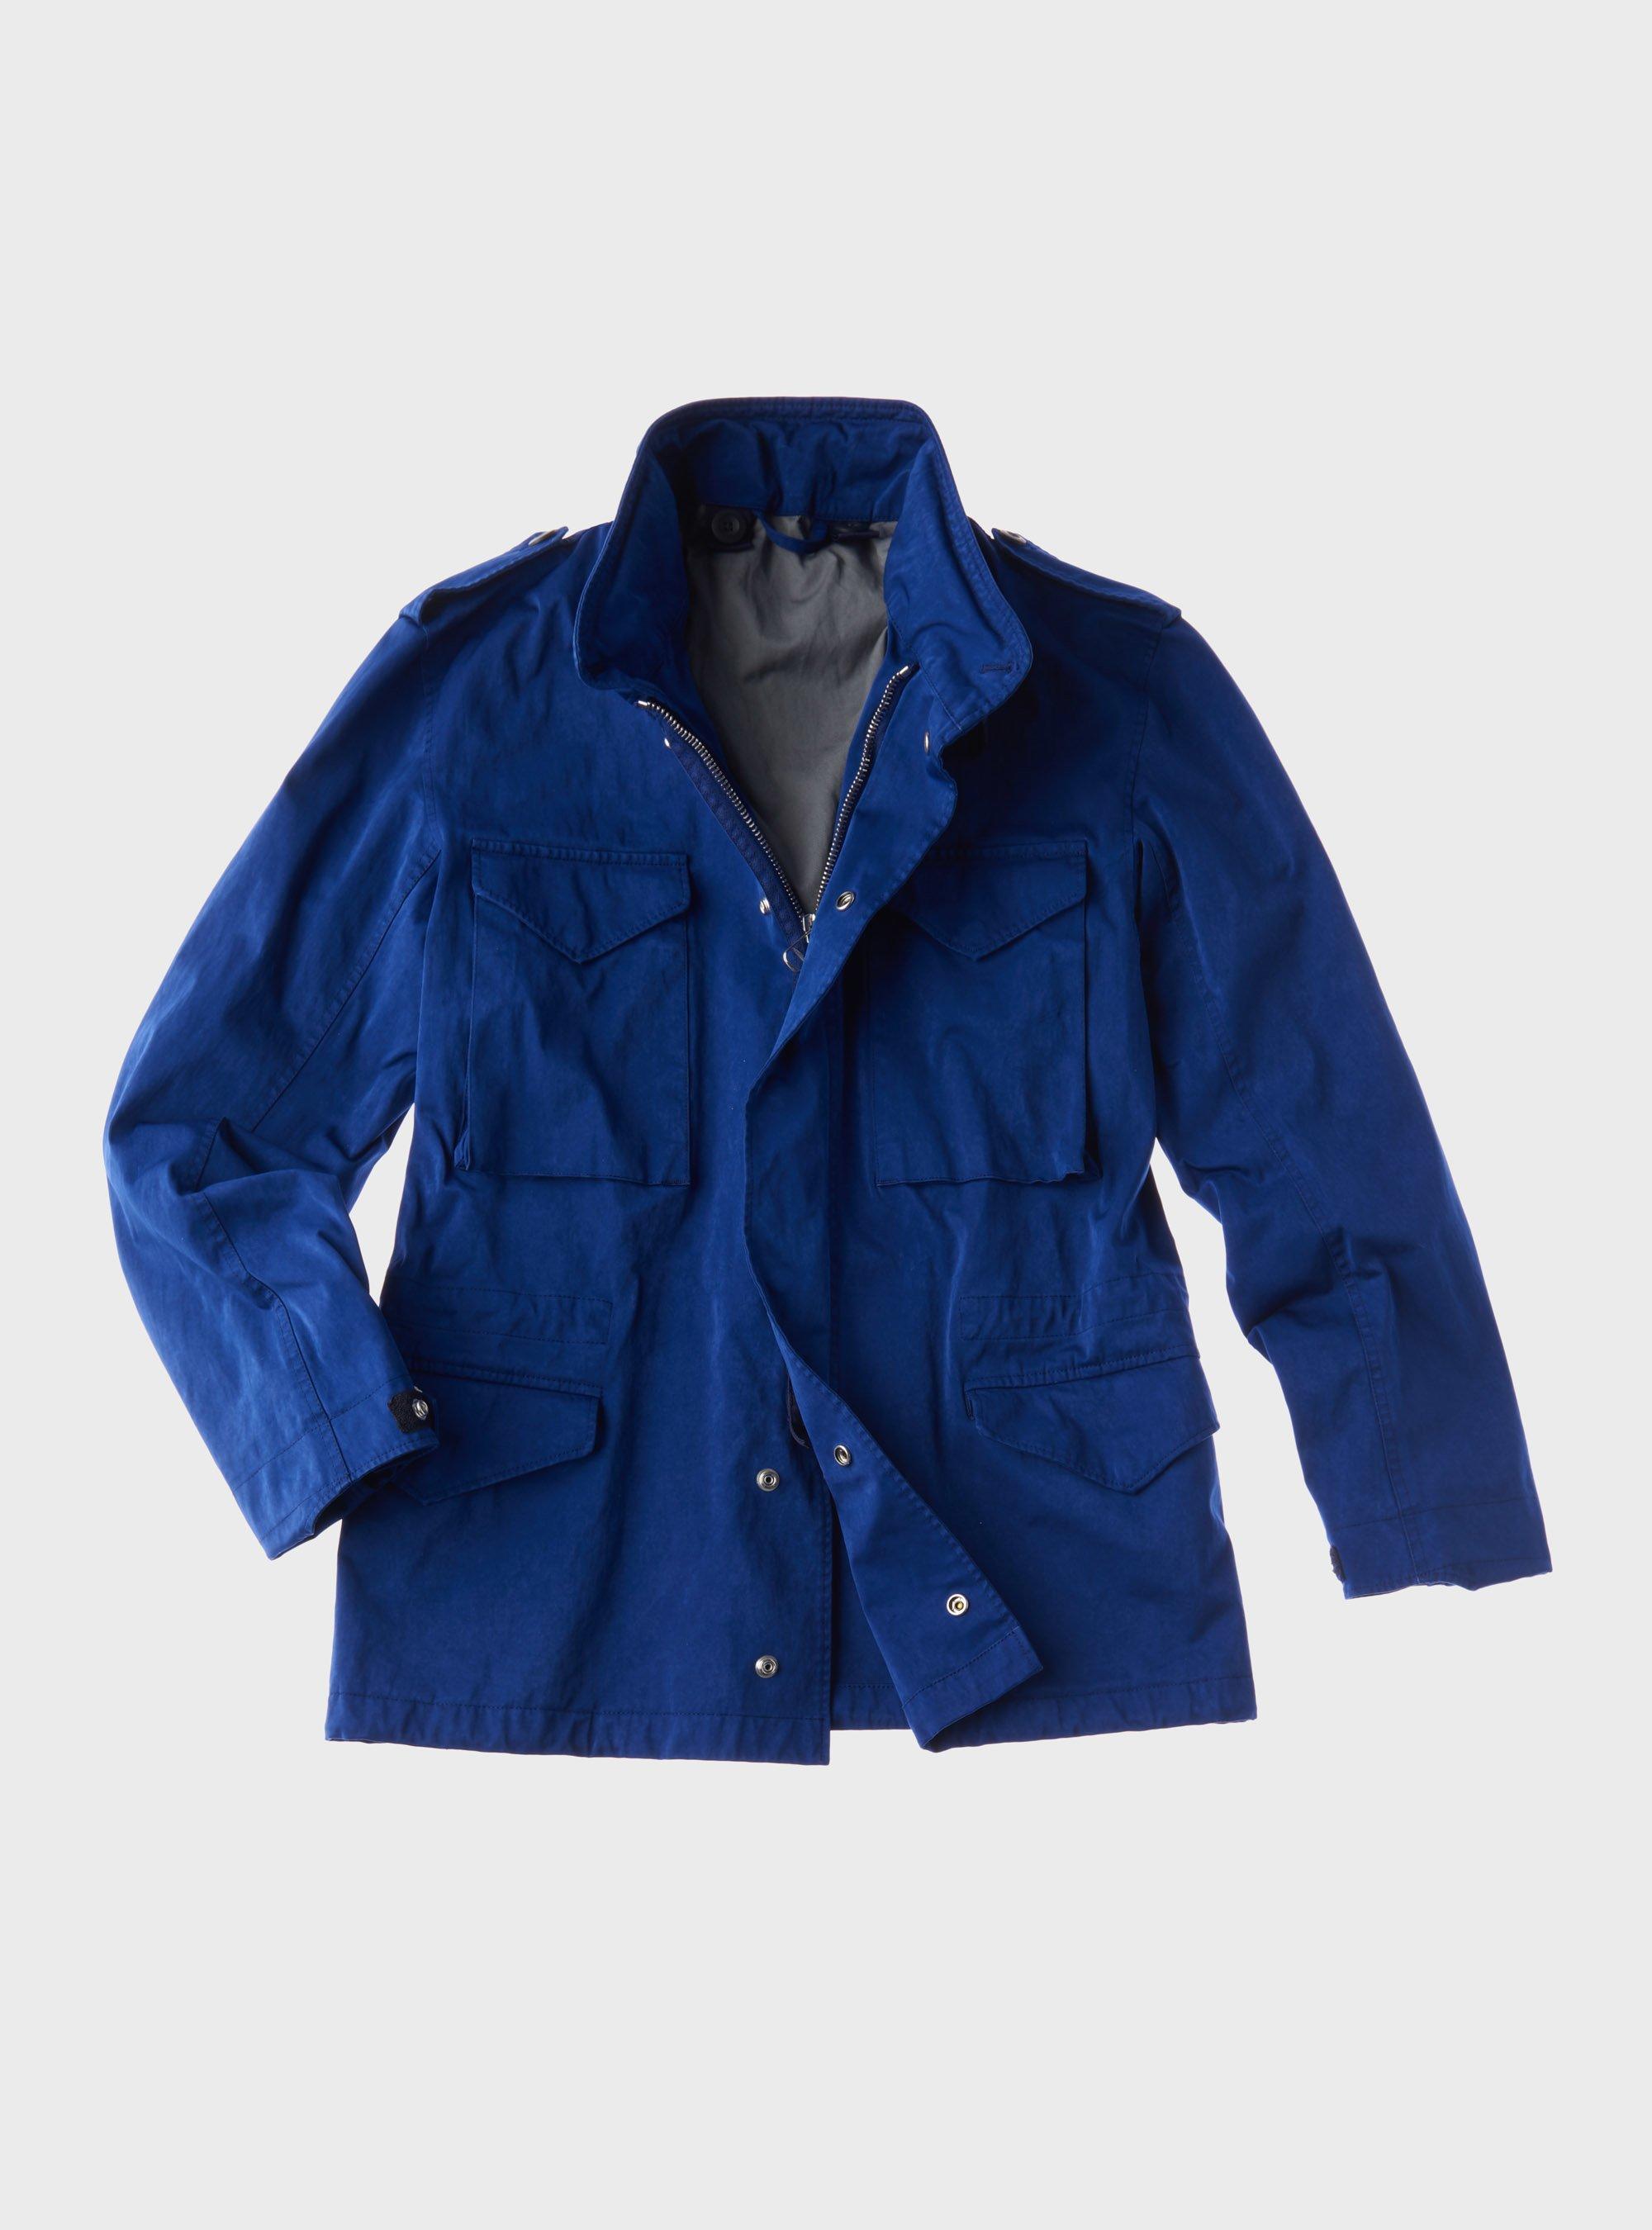 TEN C - FIELD JACKET - Blue Sapphire - TEN C